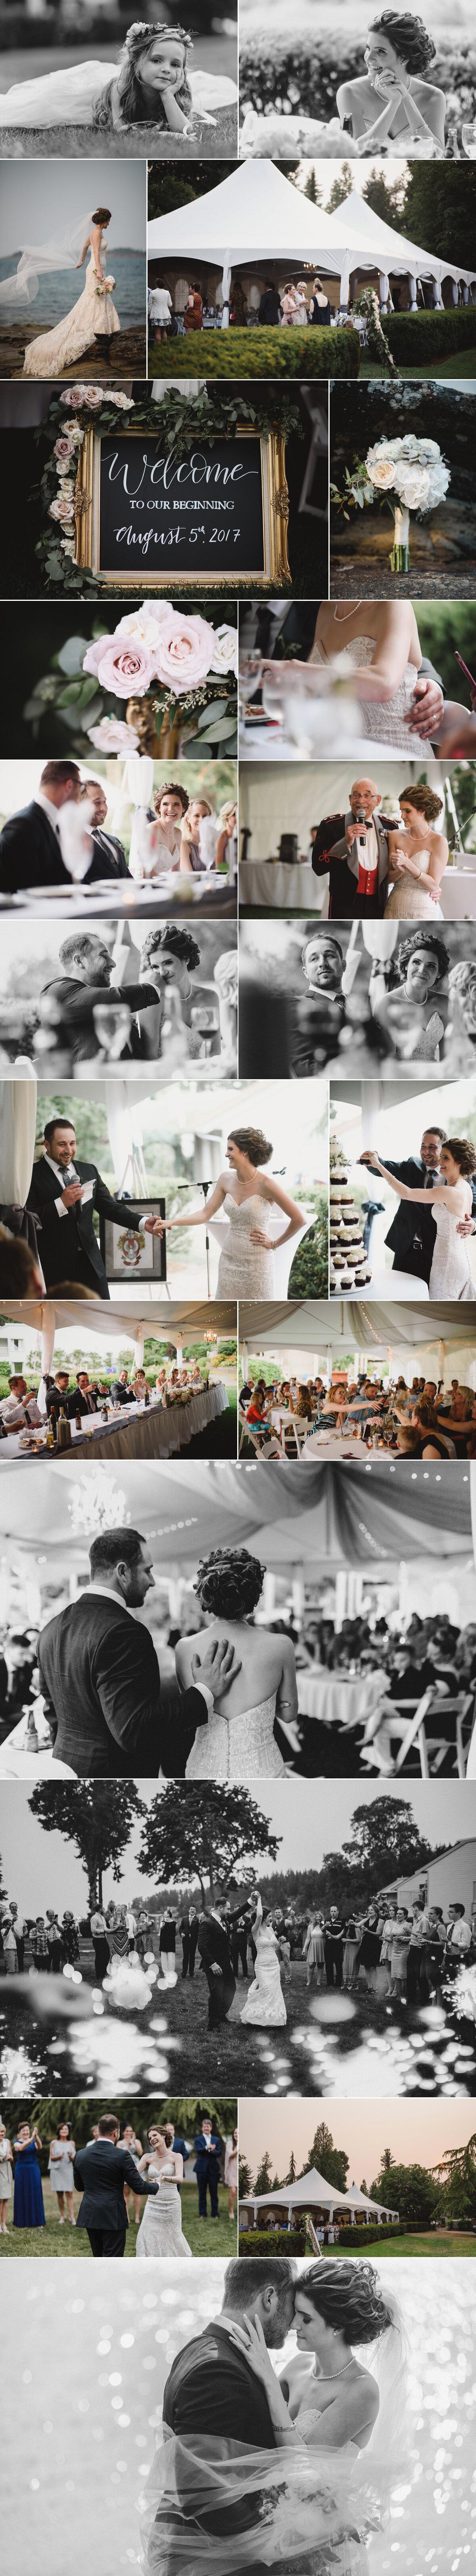 188金宝博线上平台婚礼舞会